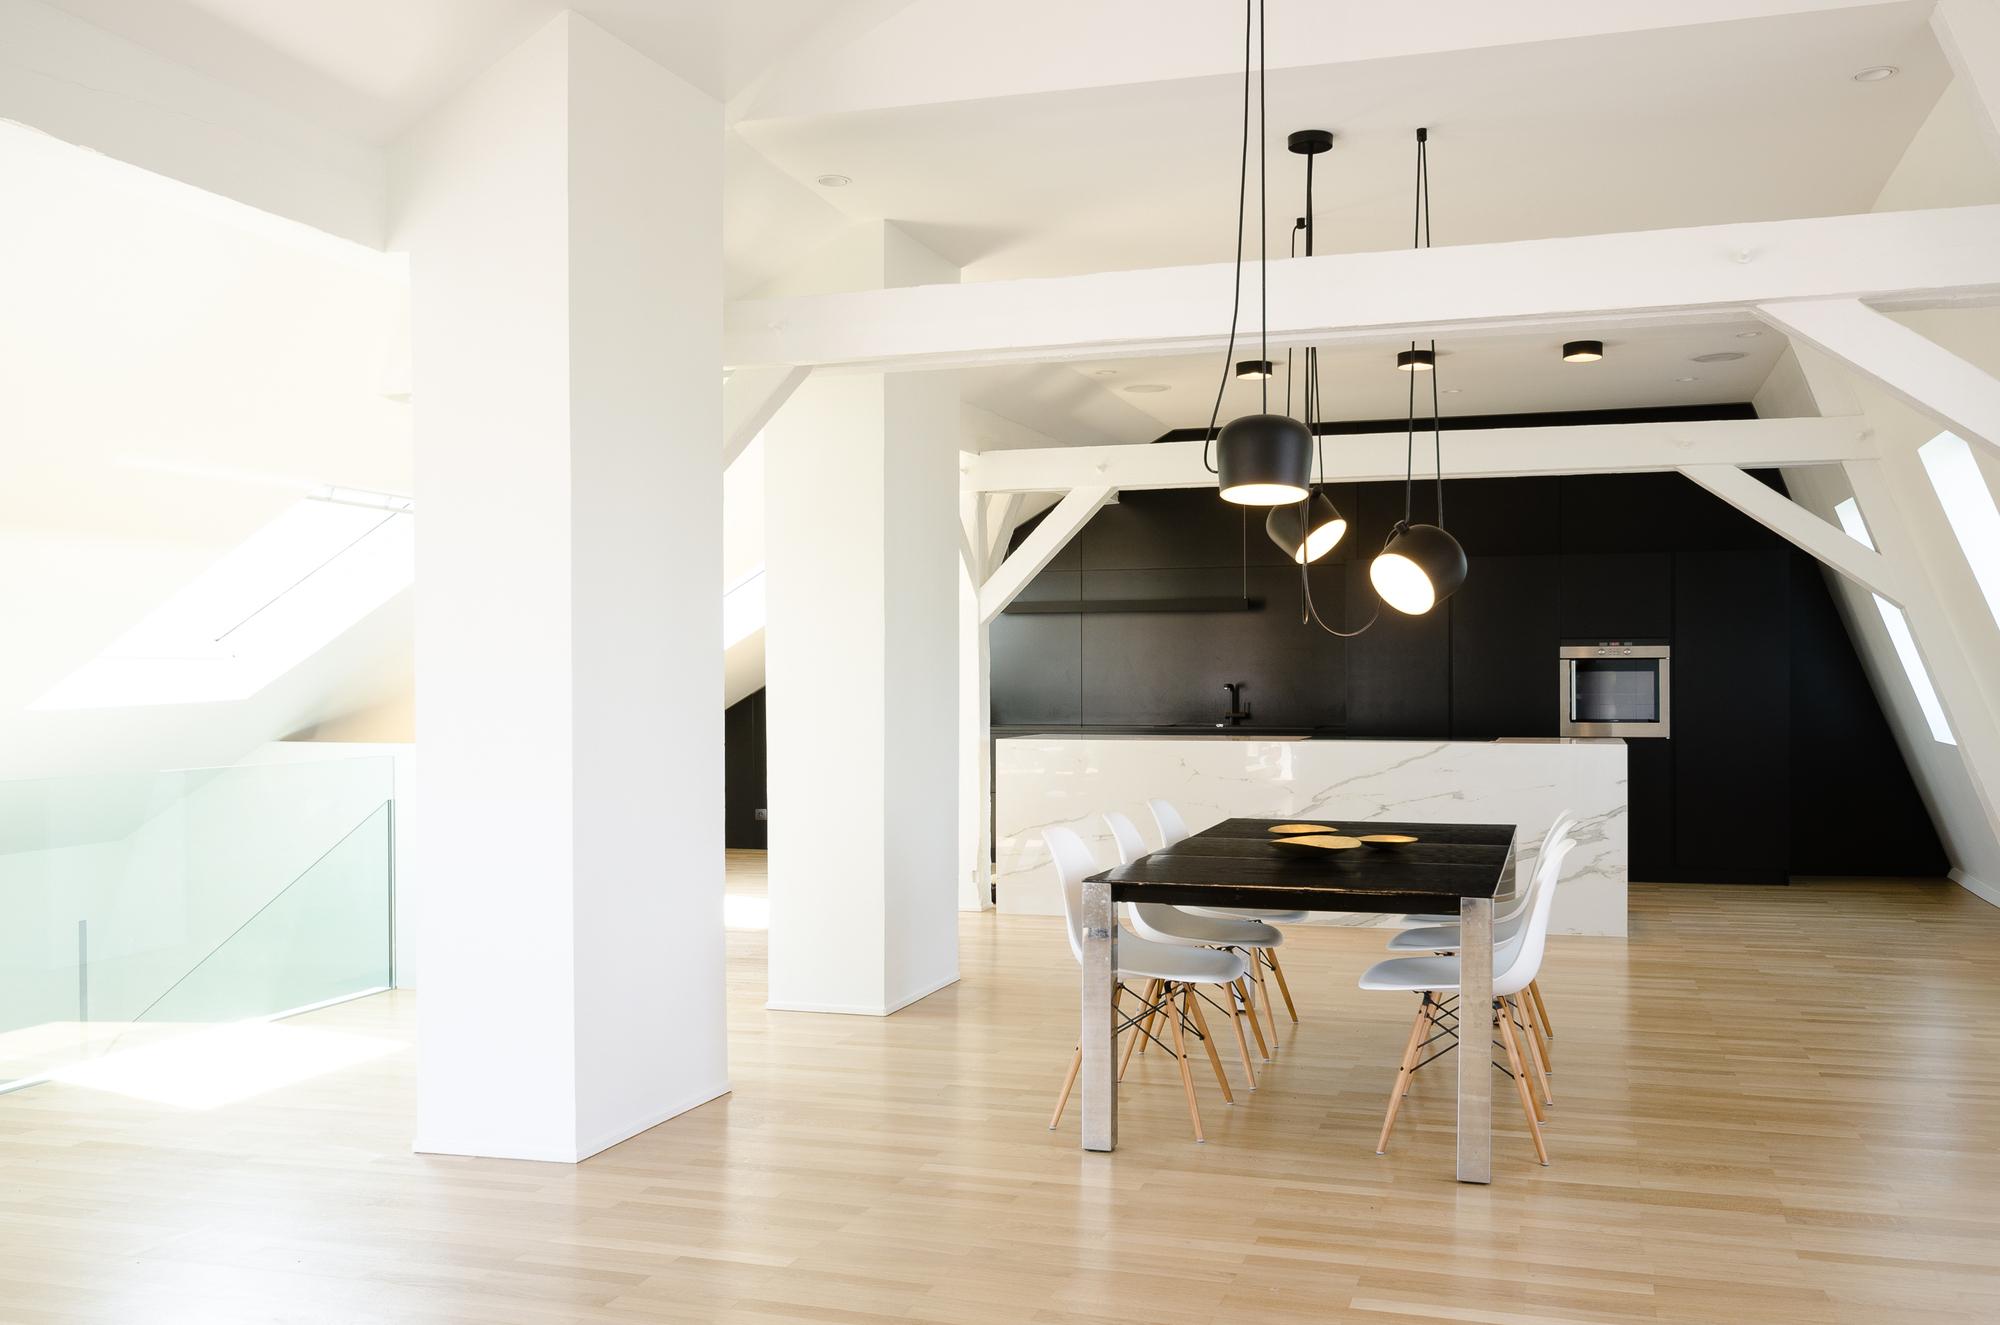 sala da pranzo con cucina - Mansarda.it